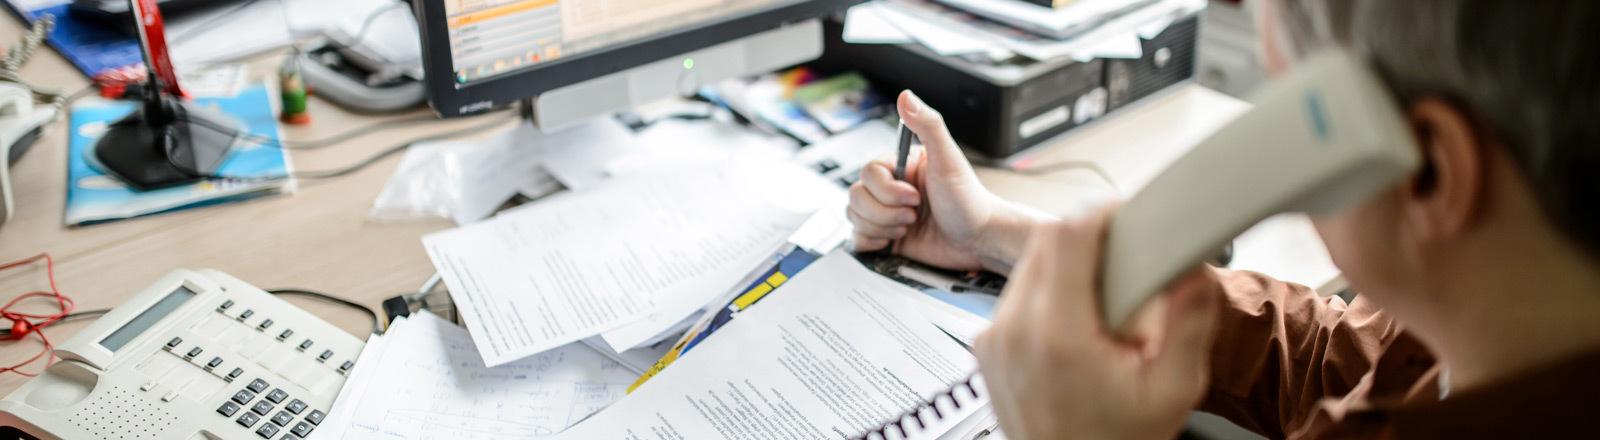 Ein Mann arbeitet an einem Schreibtisch in einem Büro.